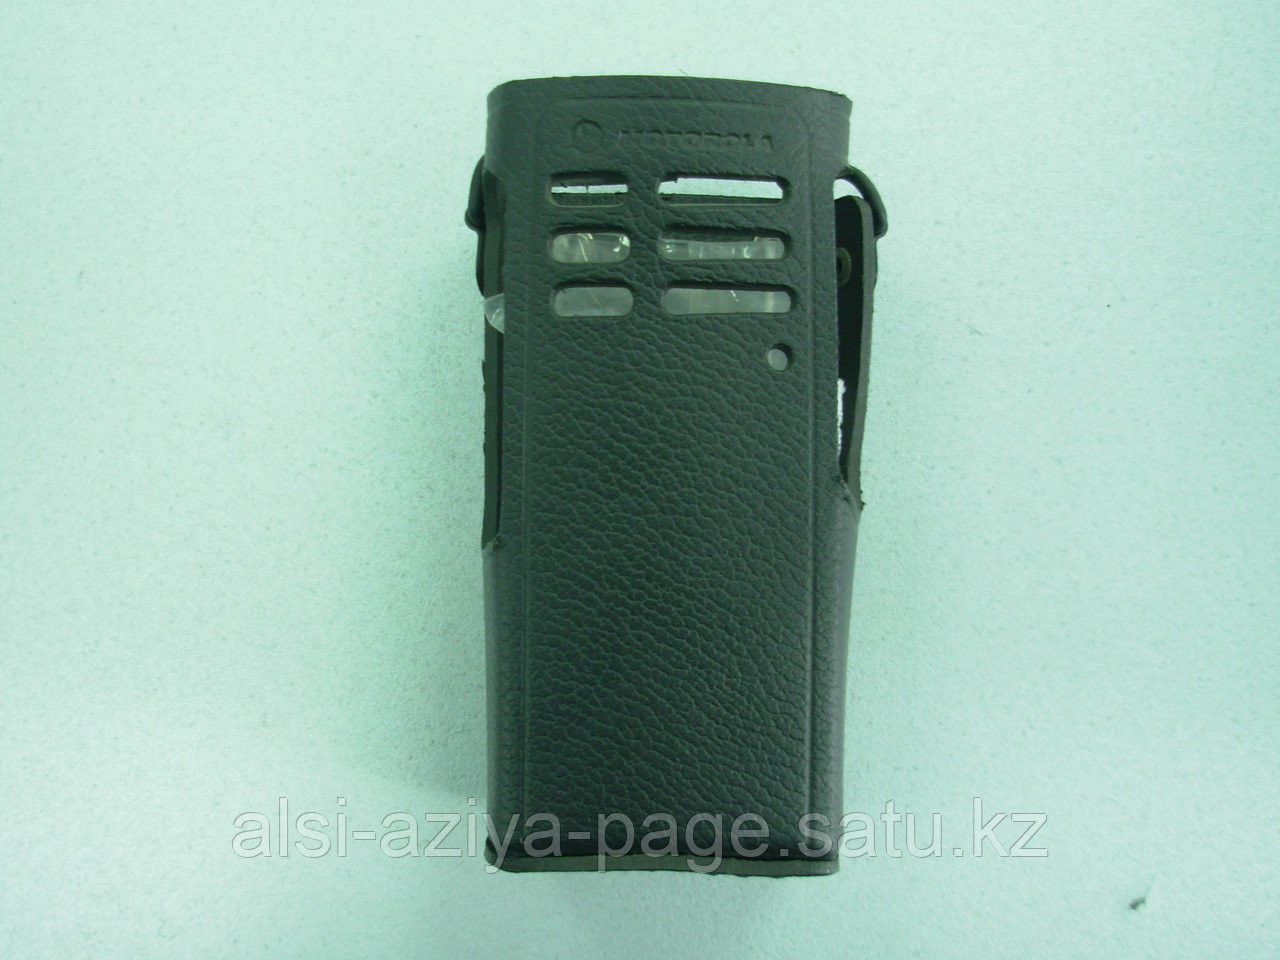 Чехол кожаный для GP140/340/640 Motorola